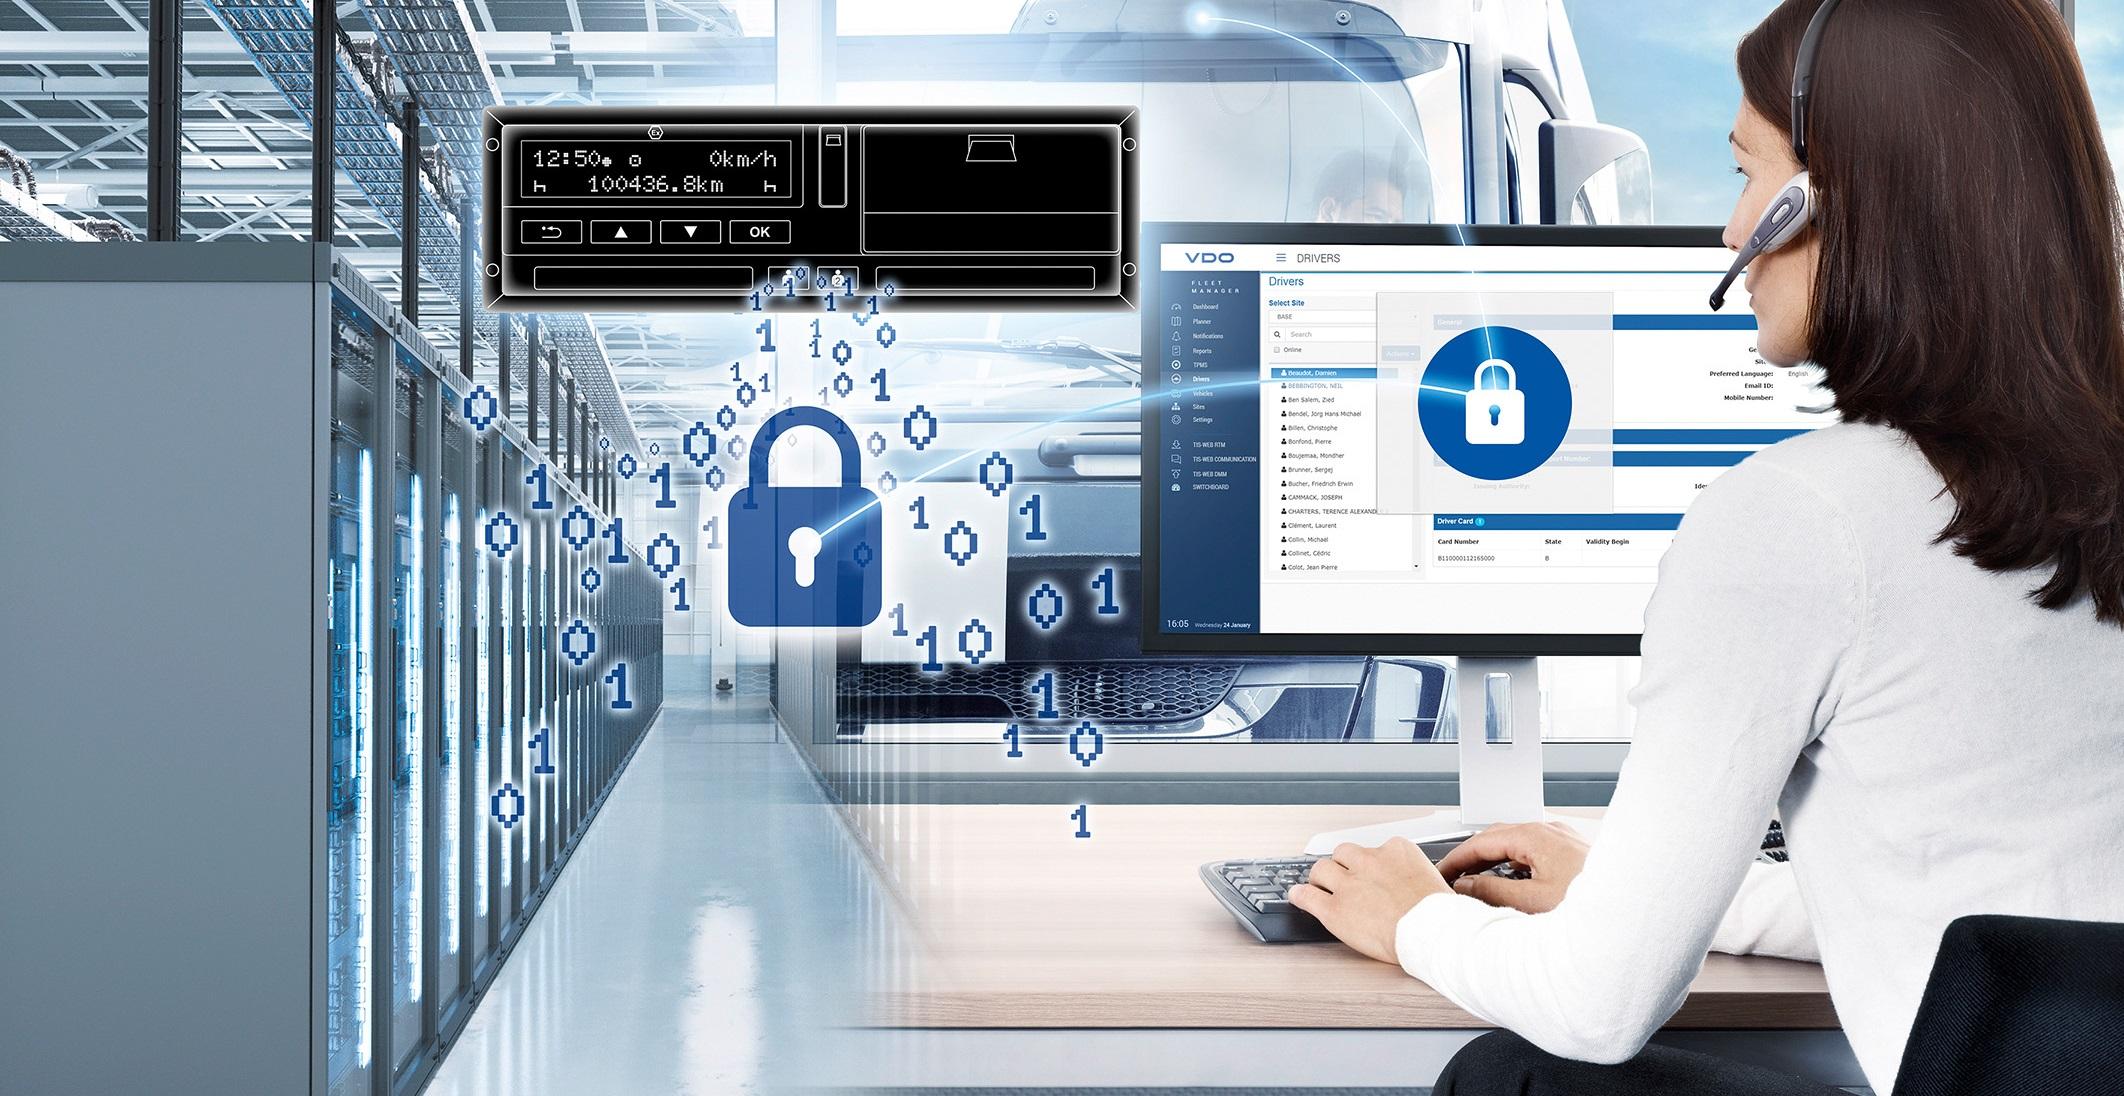 La gestione dei dati forniti da Continental è la base per nuovi modelli di business